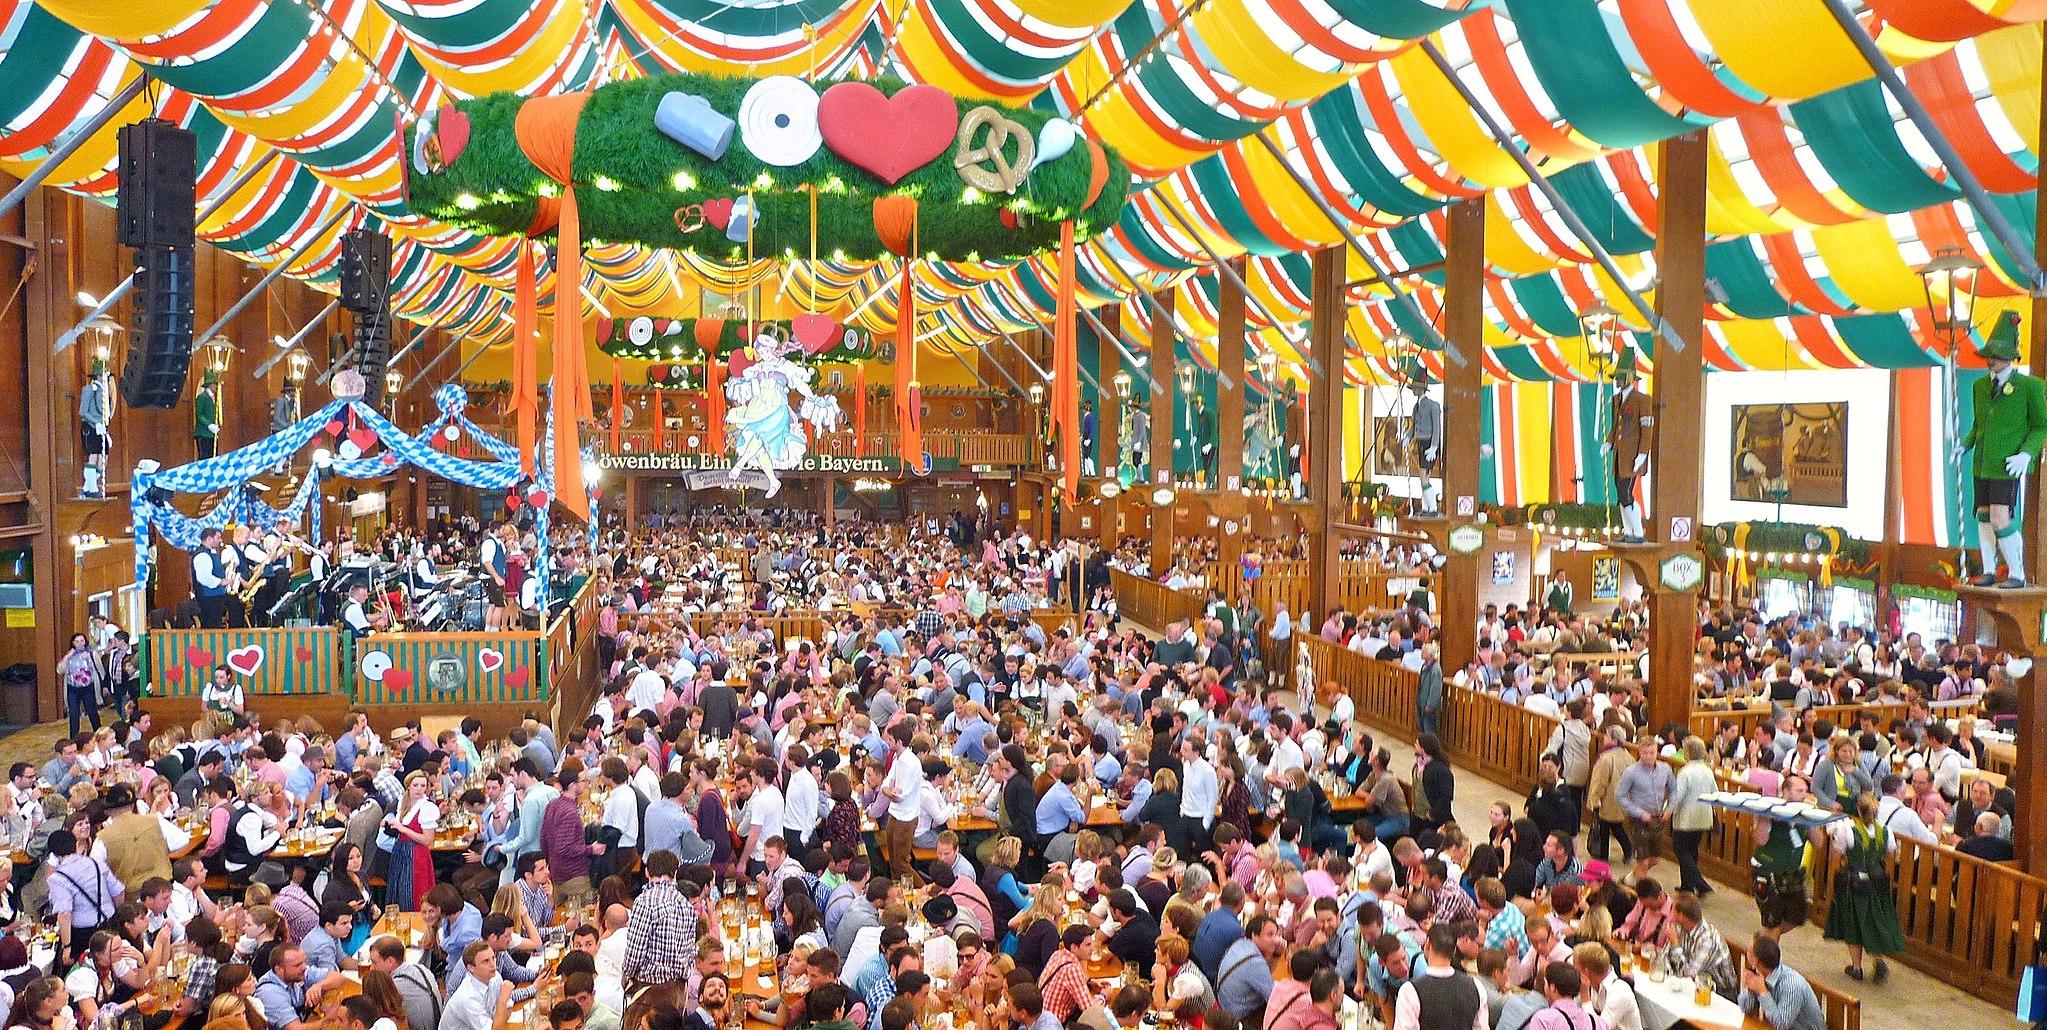 2048px-München,_Schützen-Festzelt,_Oktoberfest_2012_(01).jpg